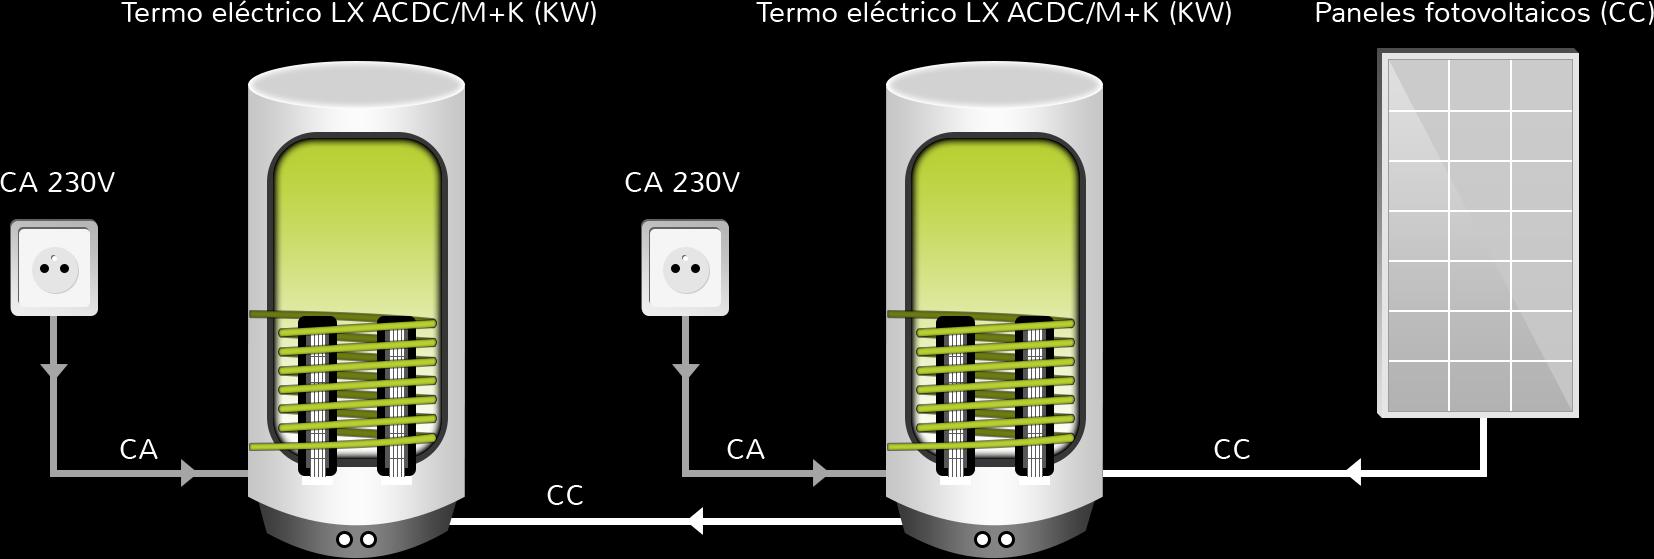 Calentamiento de agua termos el ctricos h bridos - Termo electrico de agua ...